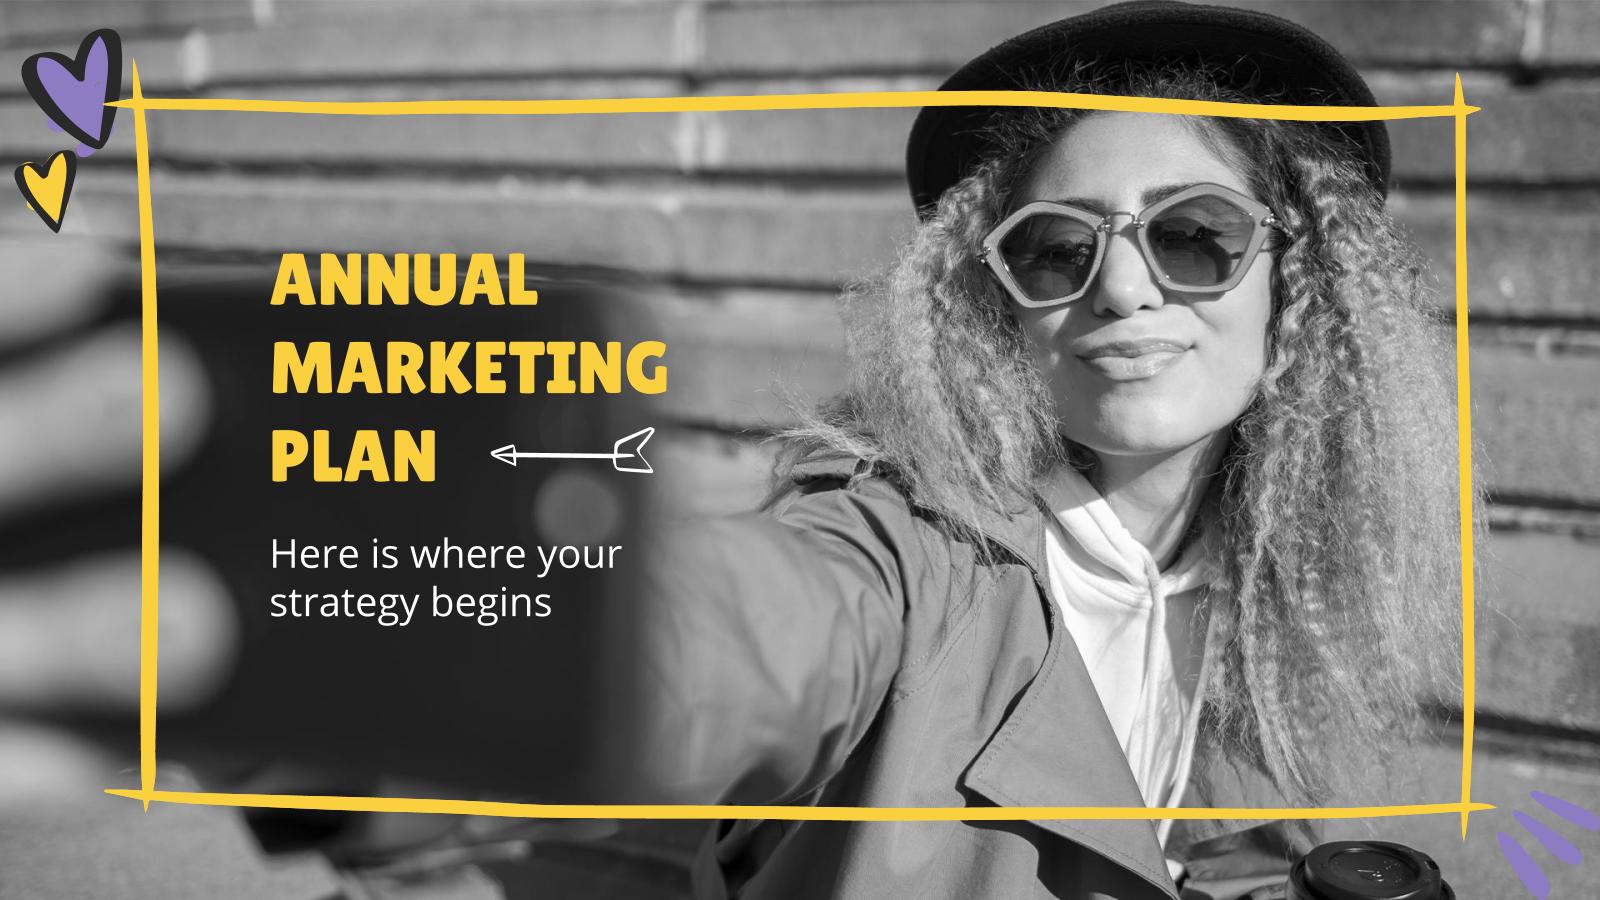 Modelo de apresentação Plano de marketing anual